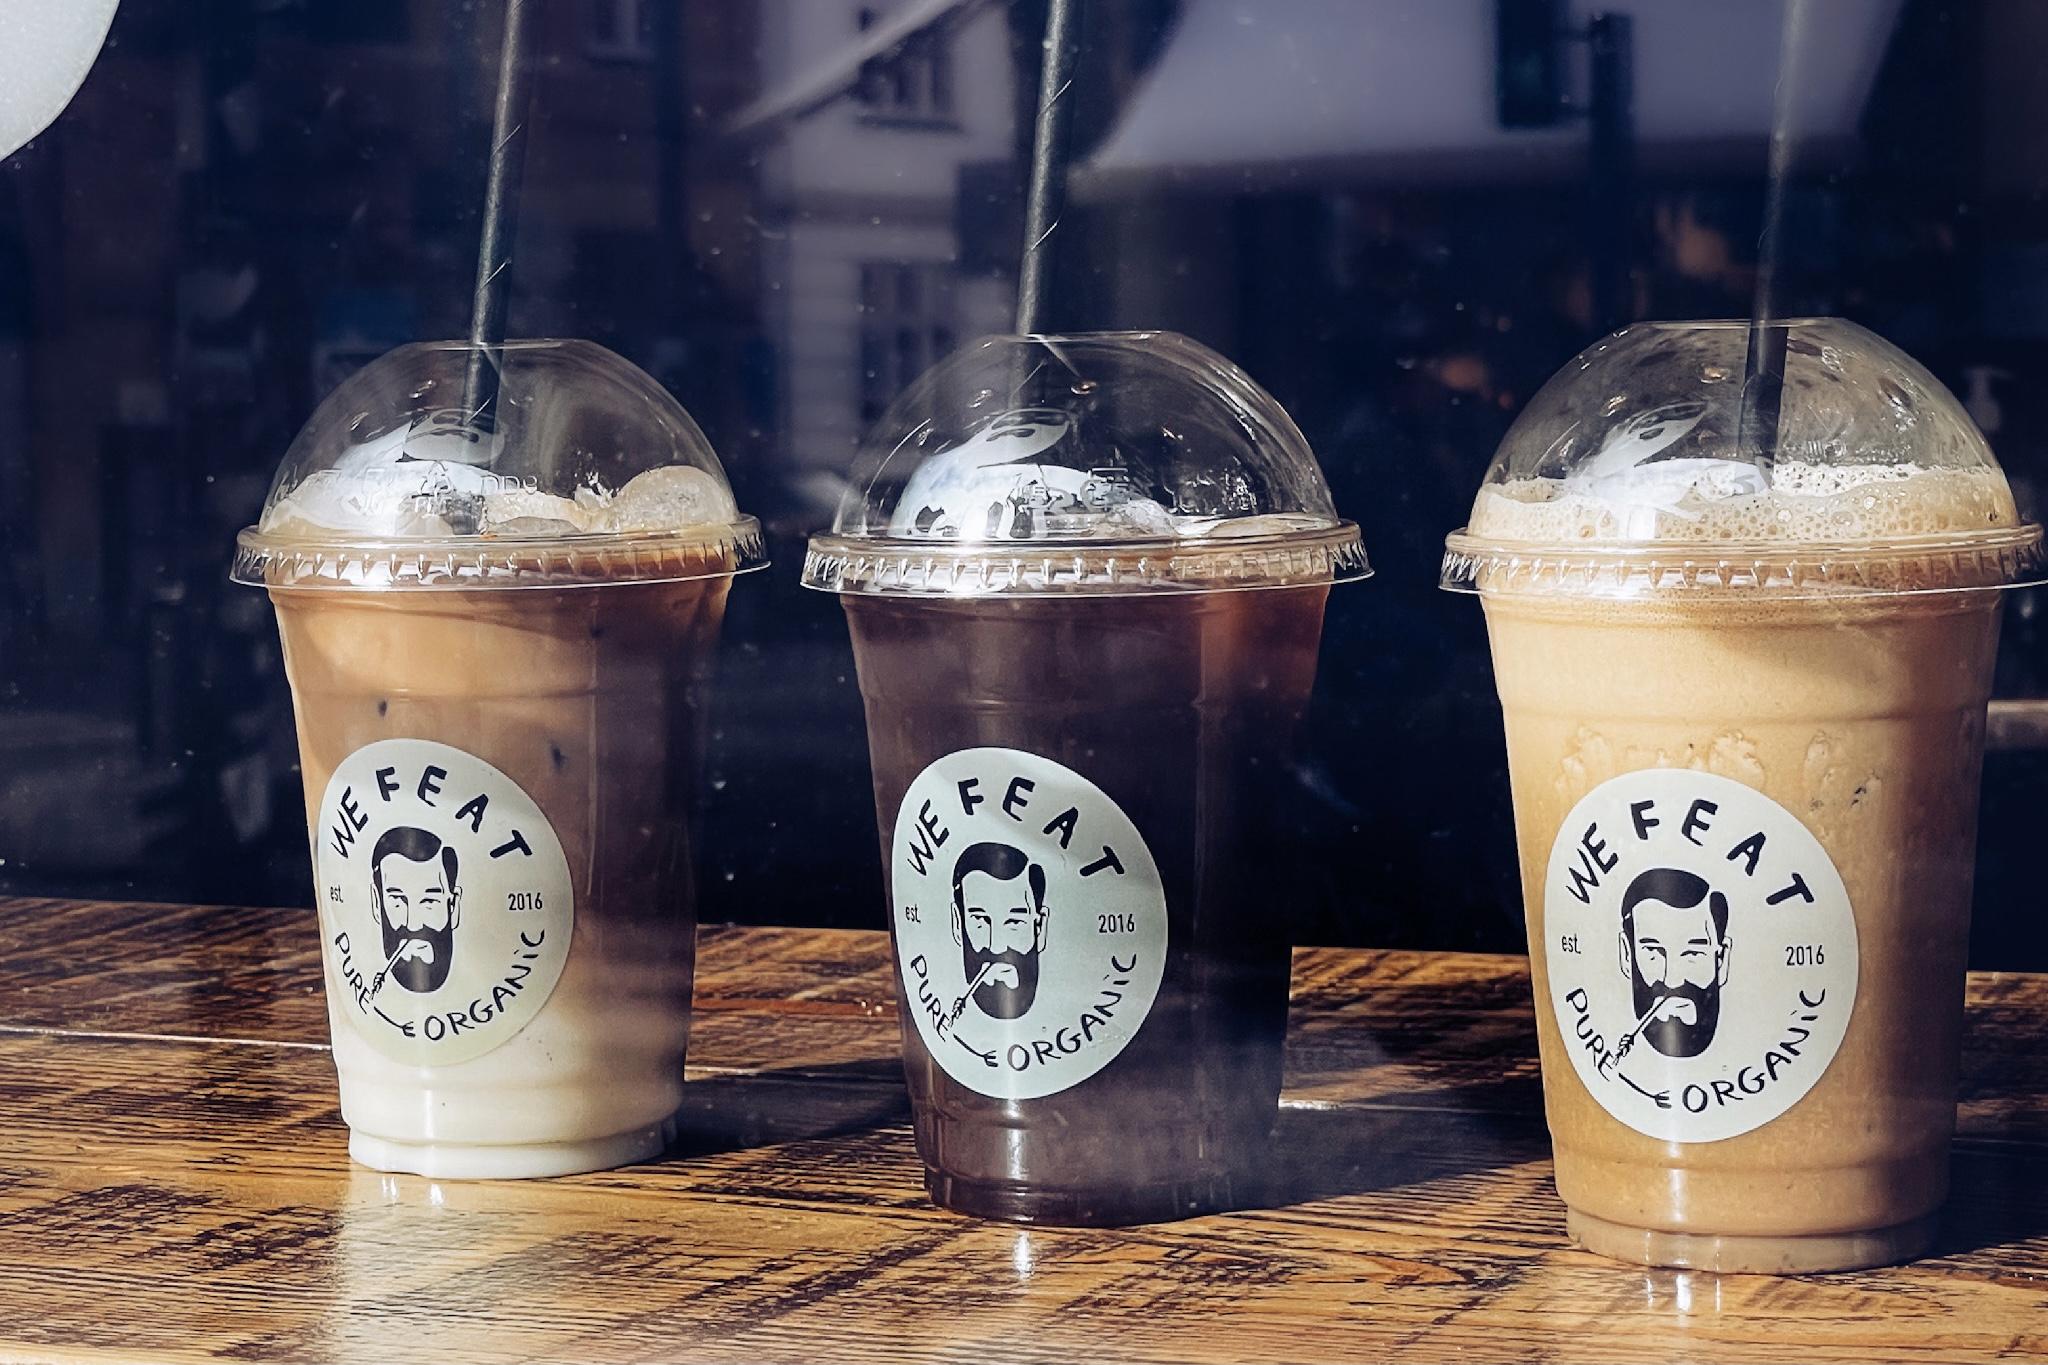 Køligt sommertilbud: Iskold kaffe til 25 kroner hos We Feat